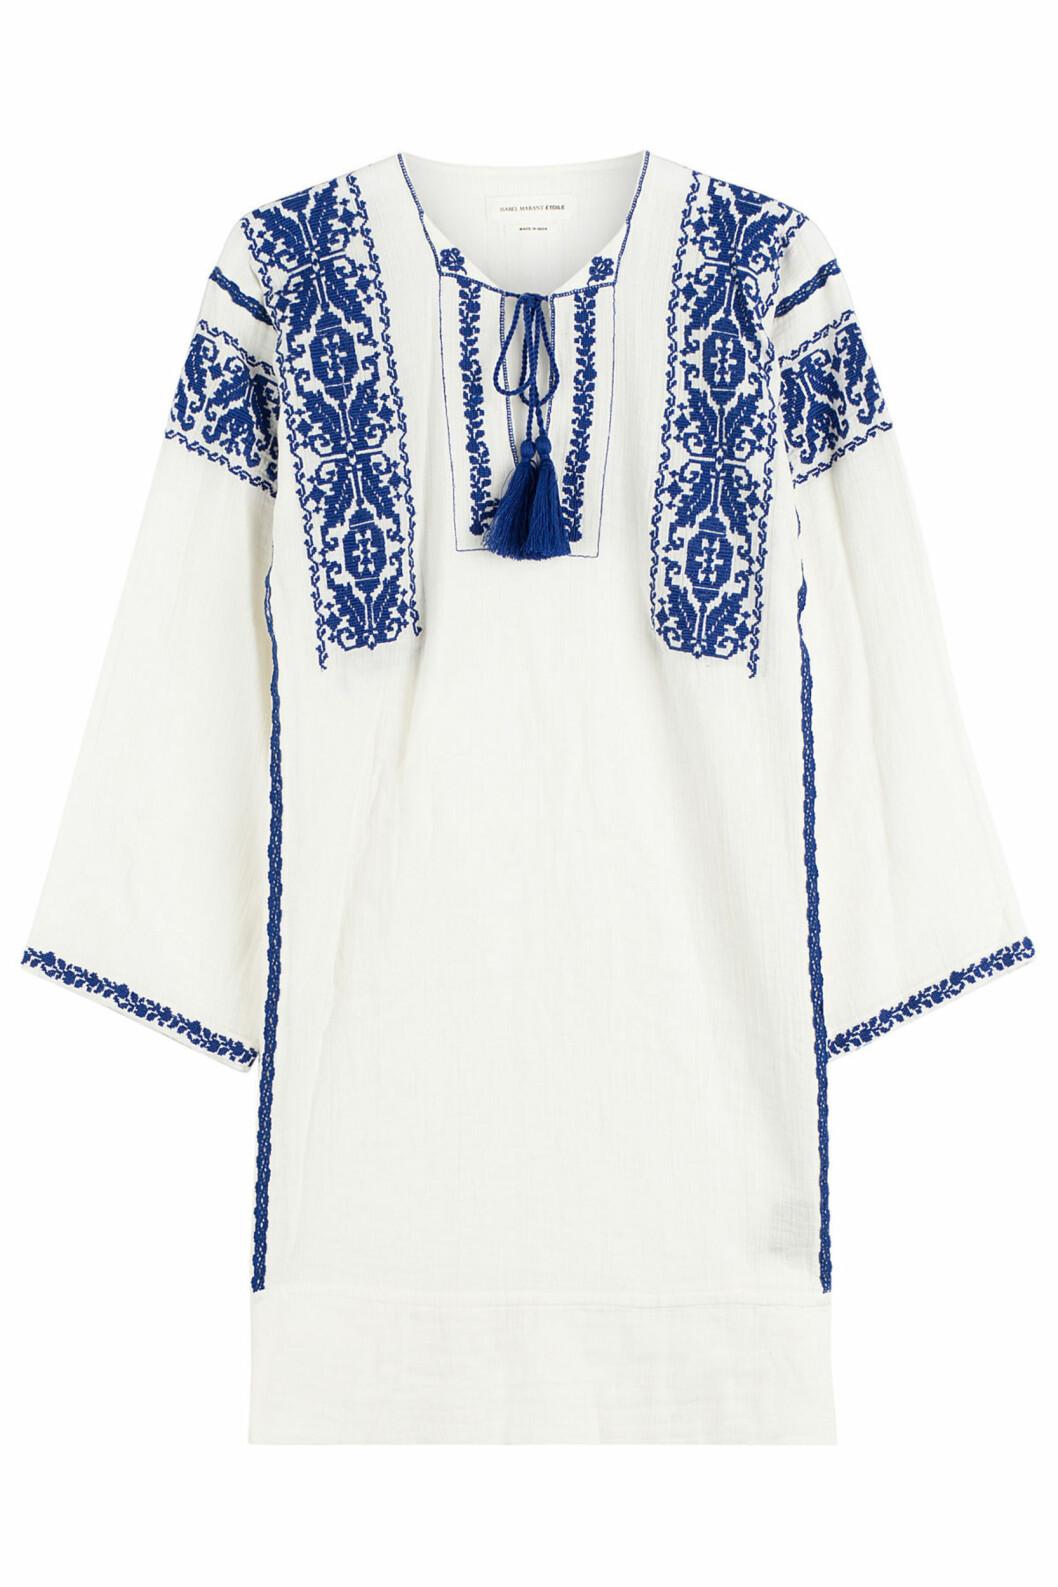 Kjole fra Isabel Marant Etoile via Stylebop.com, kr 2620. Foto: Stylebop.com